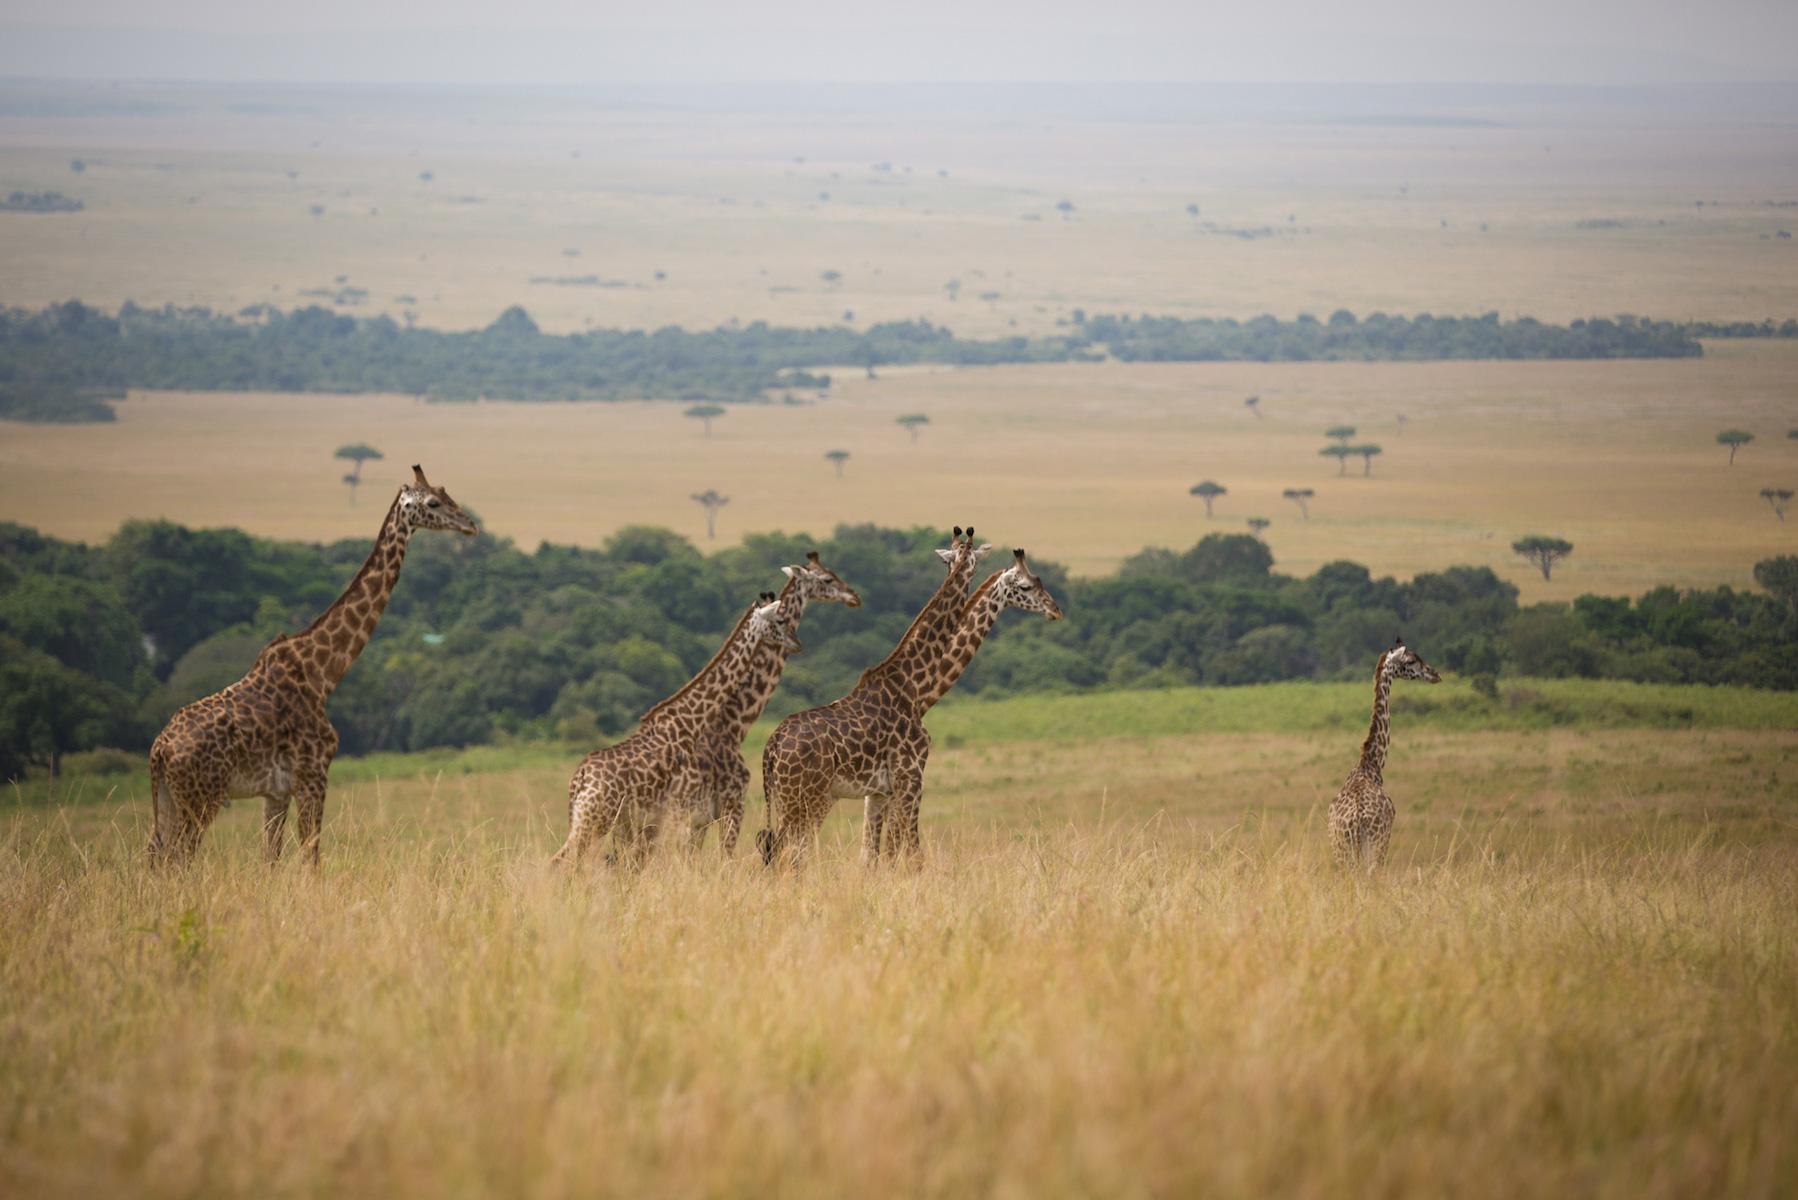 girraffe-kenya-walk-optimised